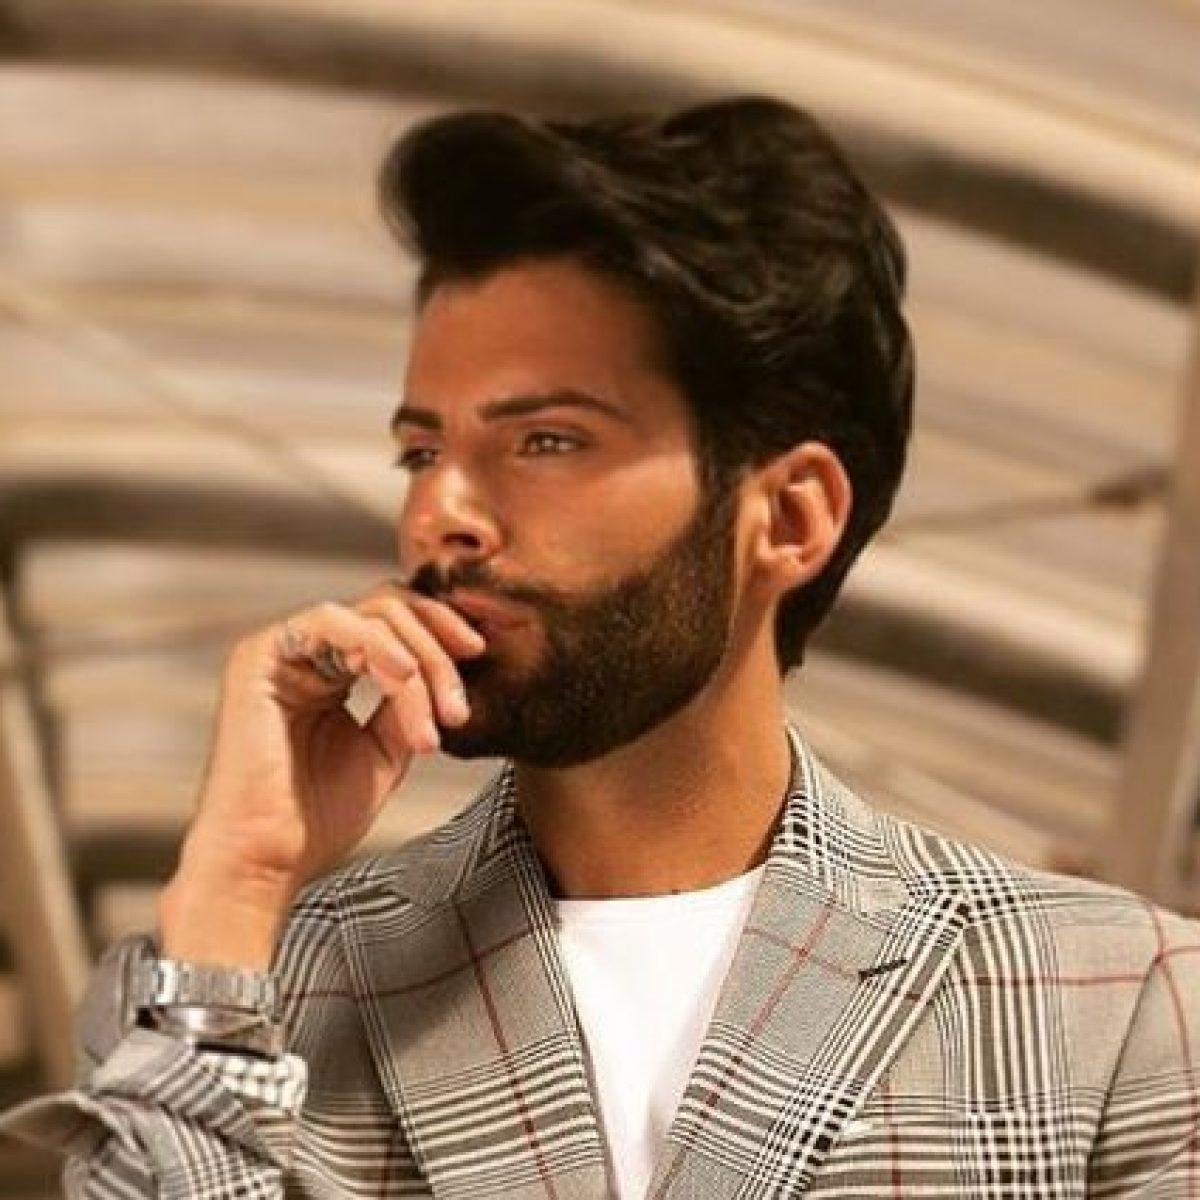 Federico Fashion Style palloncini e Nutella sui capelli, i trattamenti più  strani dell\u0027hairstylist